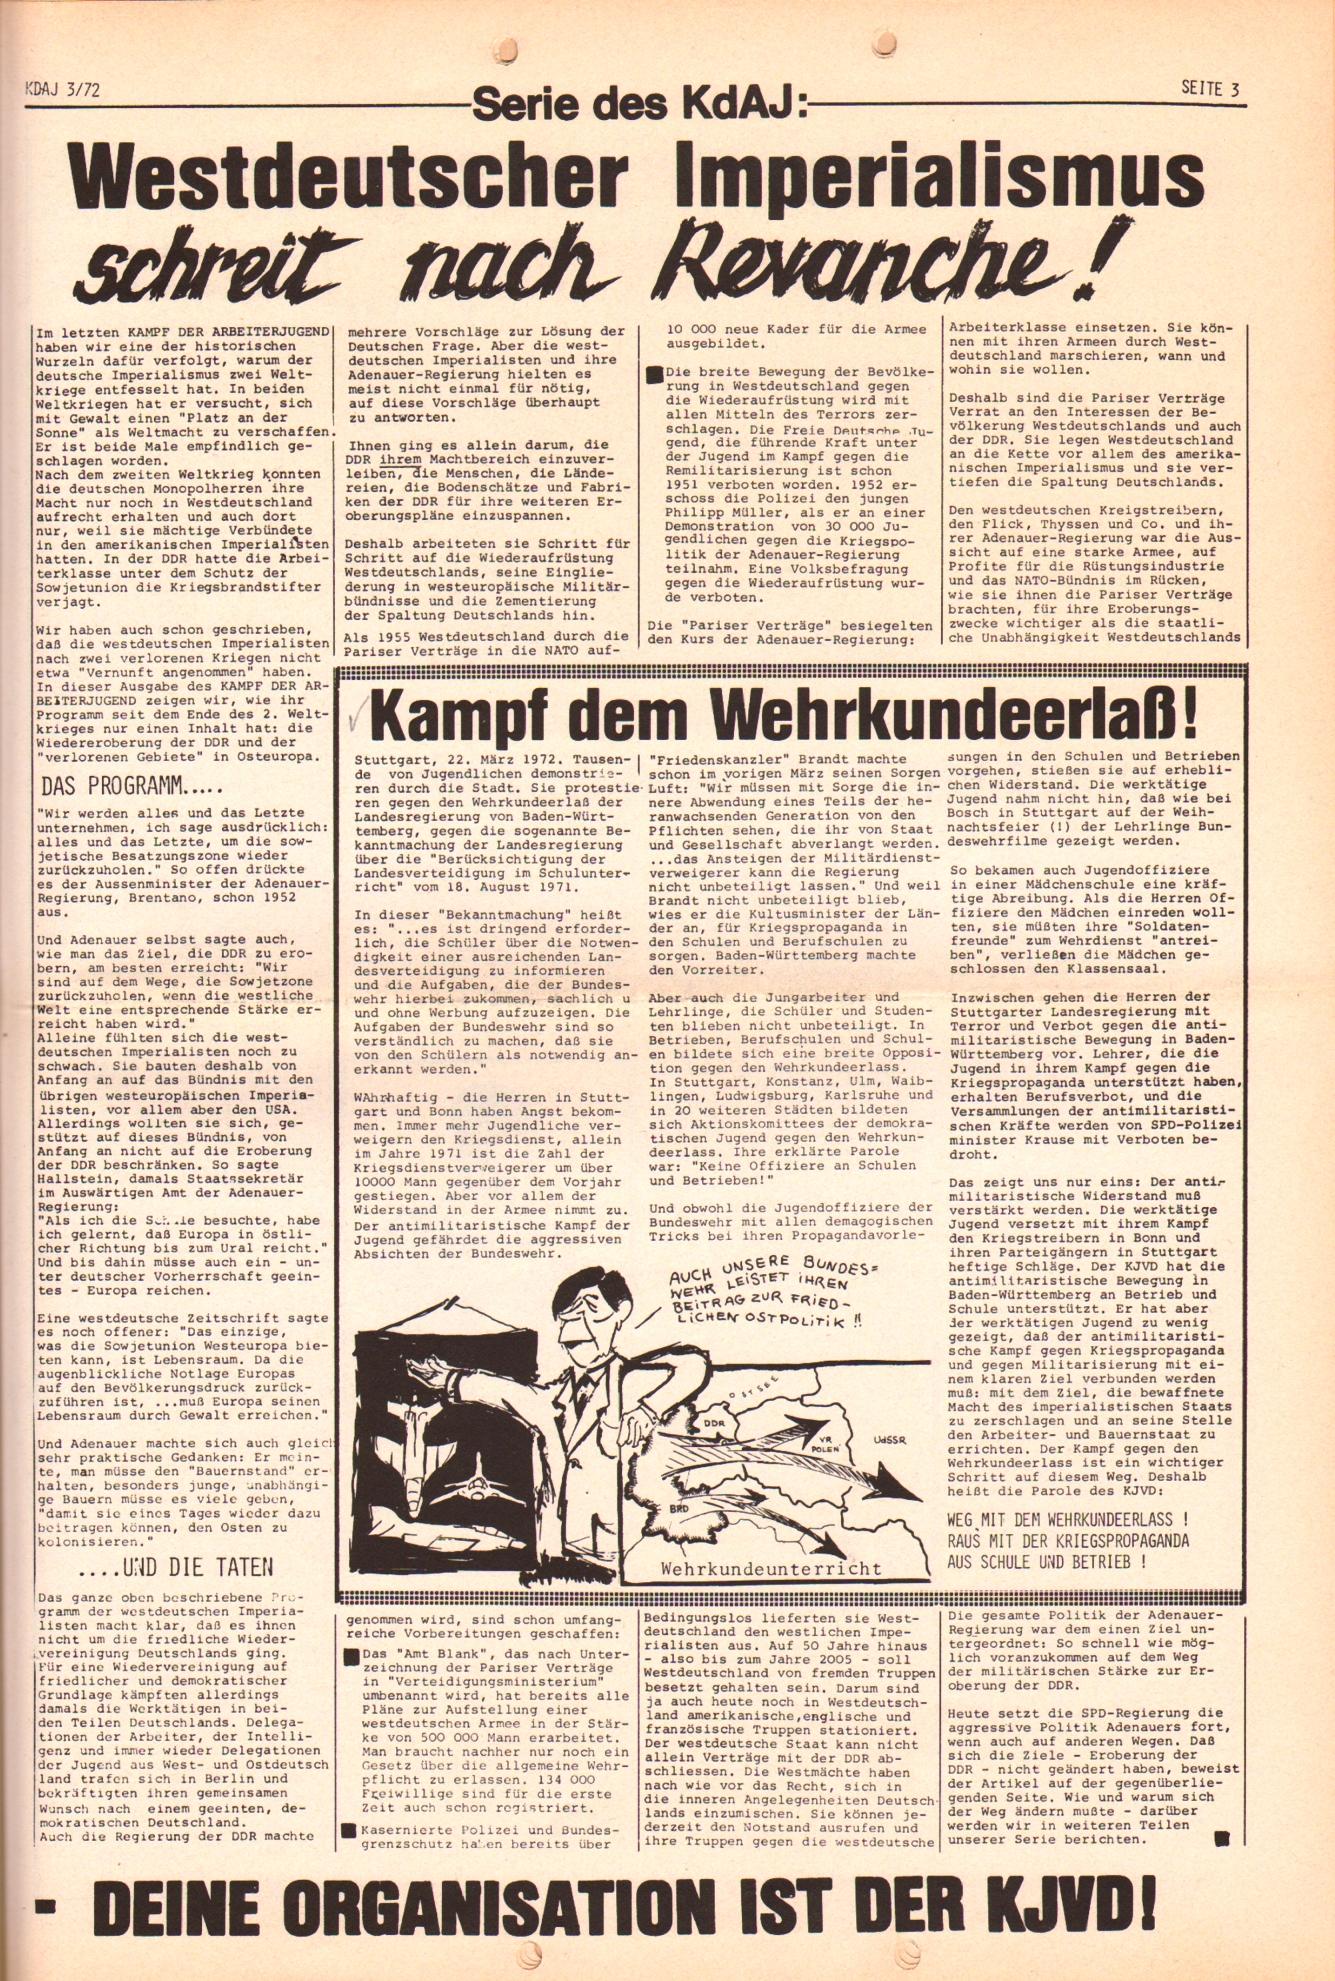 KDAJ, 3. Jg., April 1972, Nr. 3, Seite 3